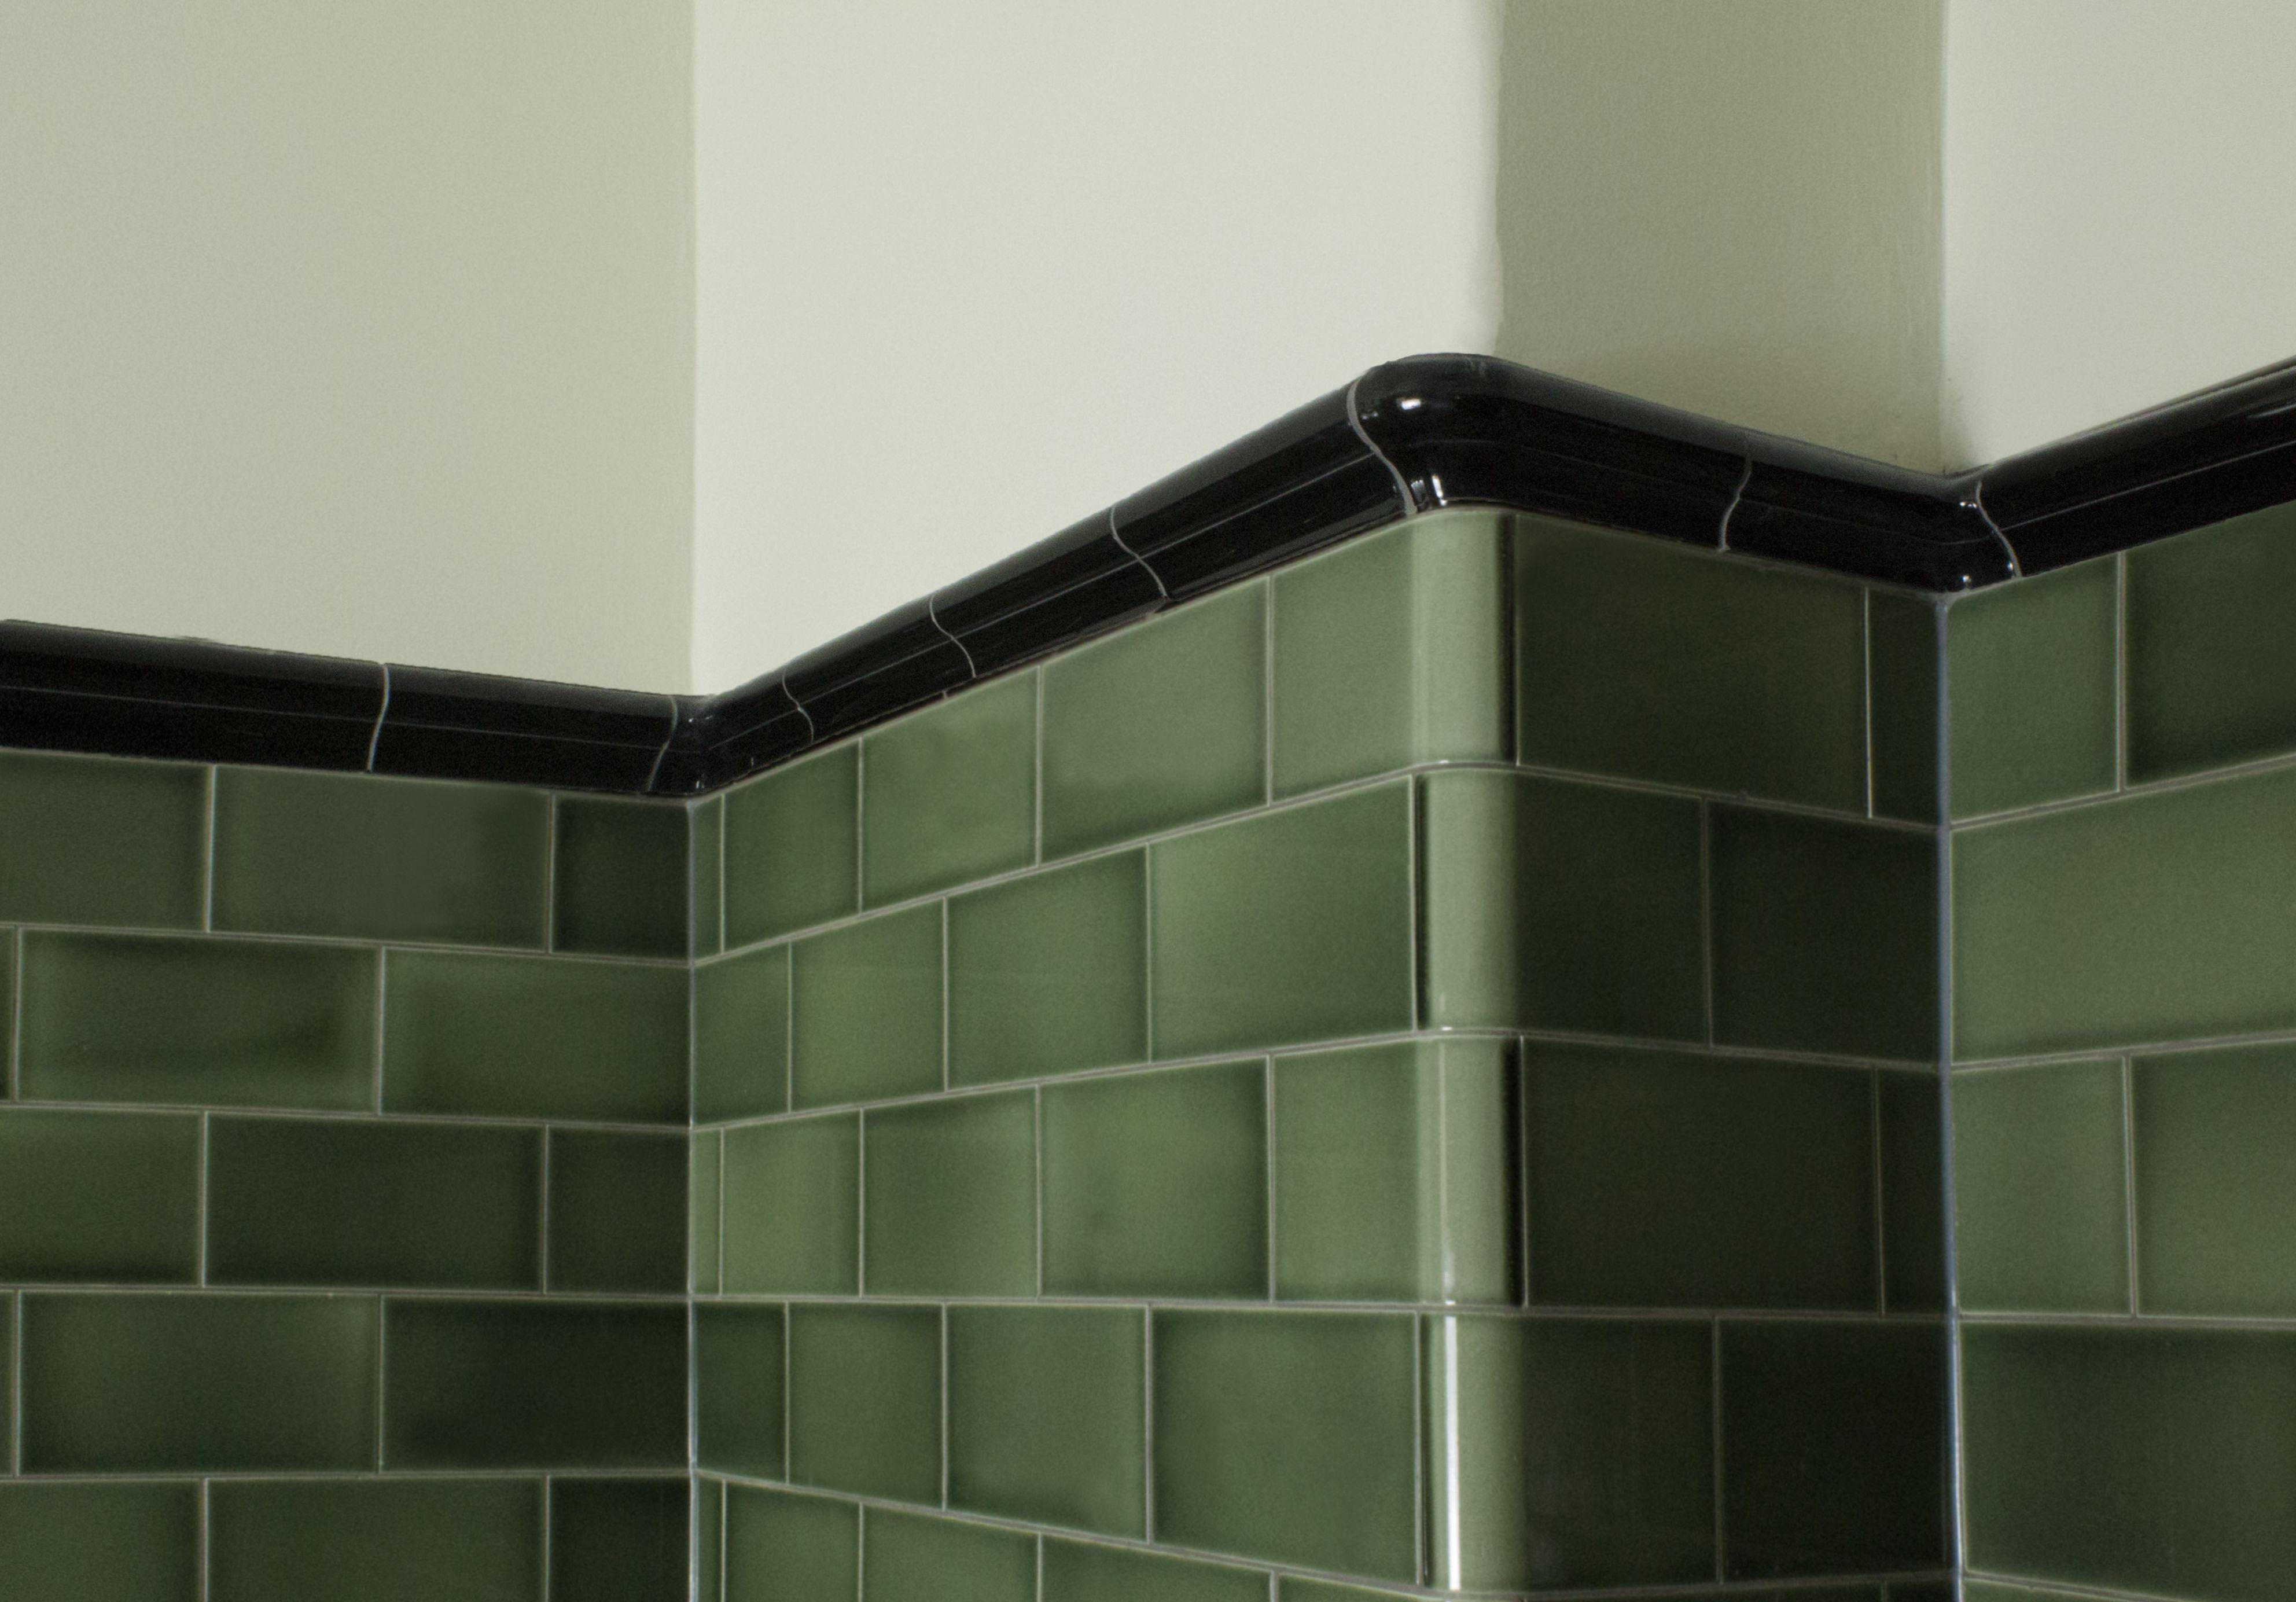 Bold Emerald Green Subway Tile With A Black Border Creates Deep